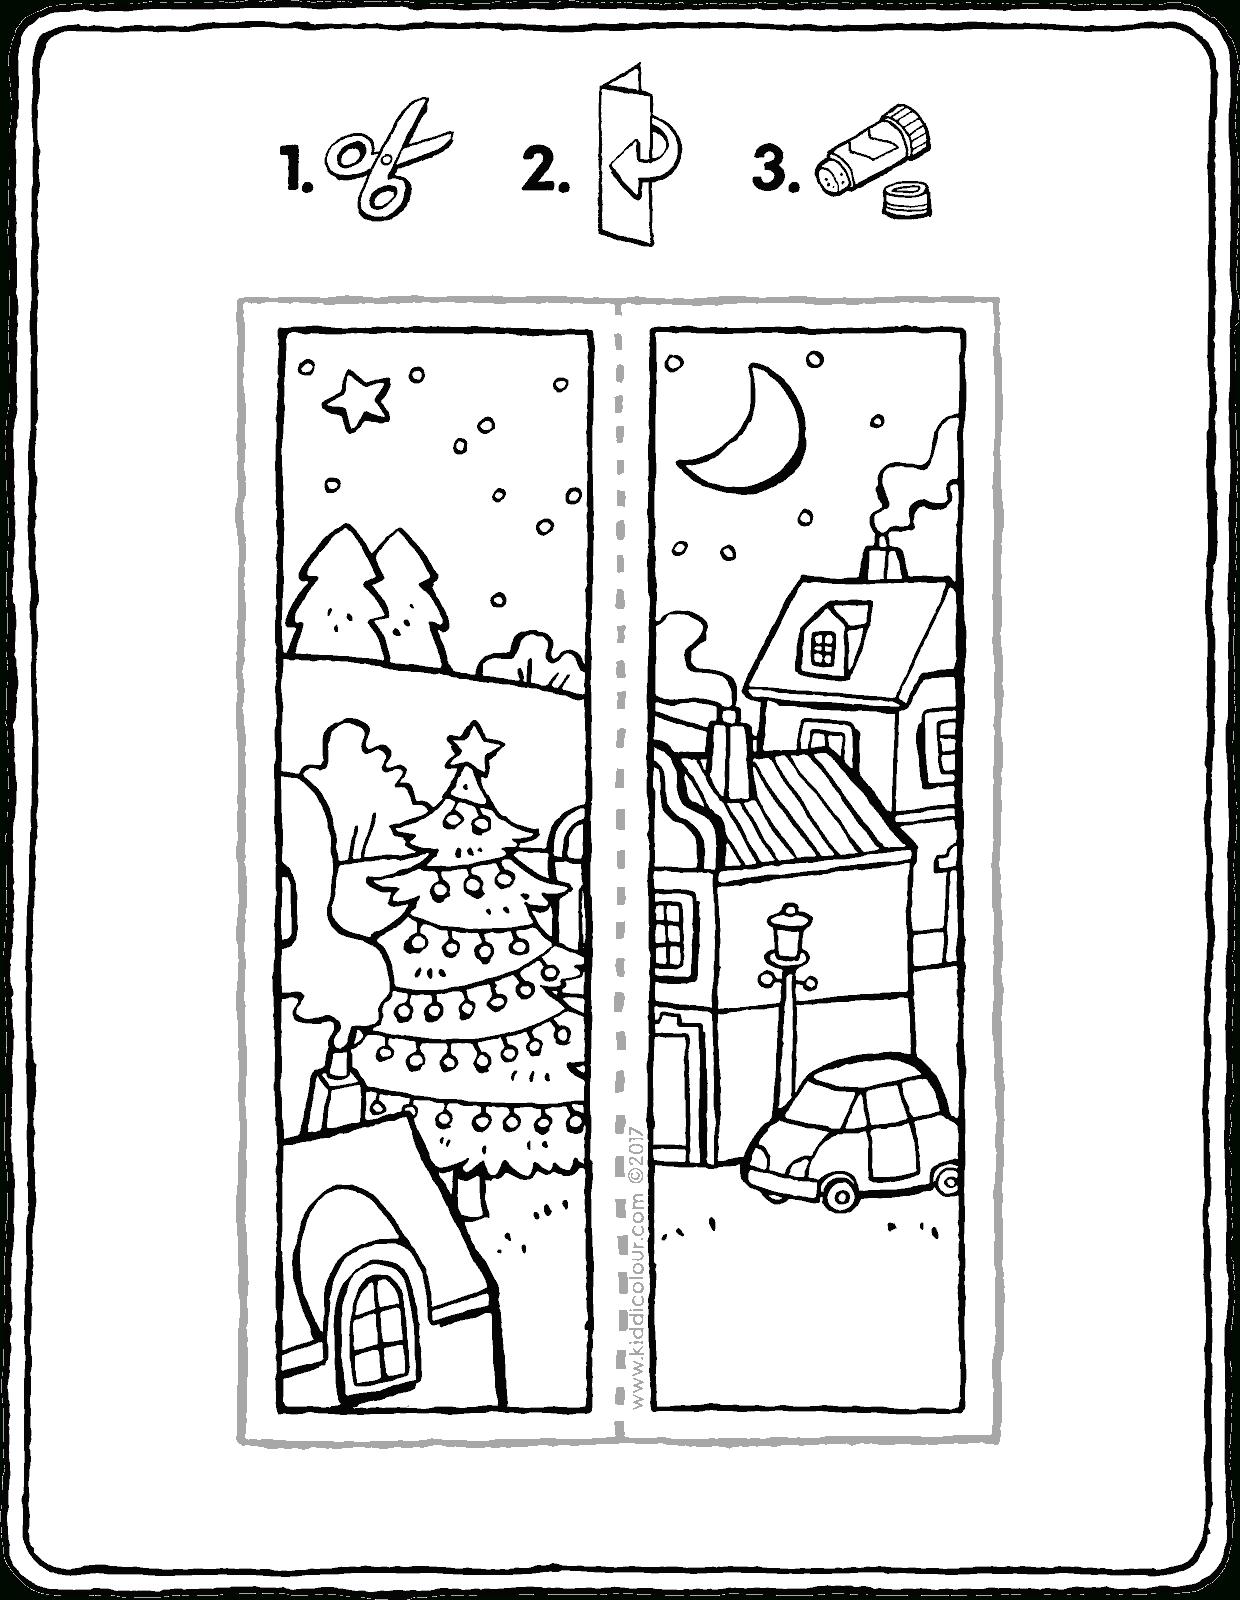 Lesezeichen Weihnachten - Kiddimalseite bestimmt für Ausmalbilder Weihnachten